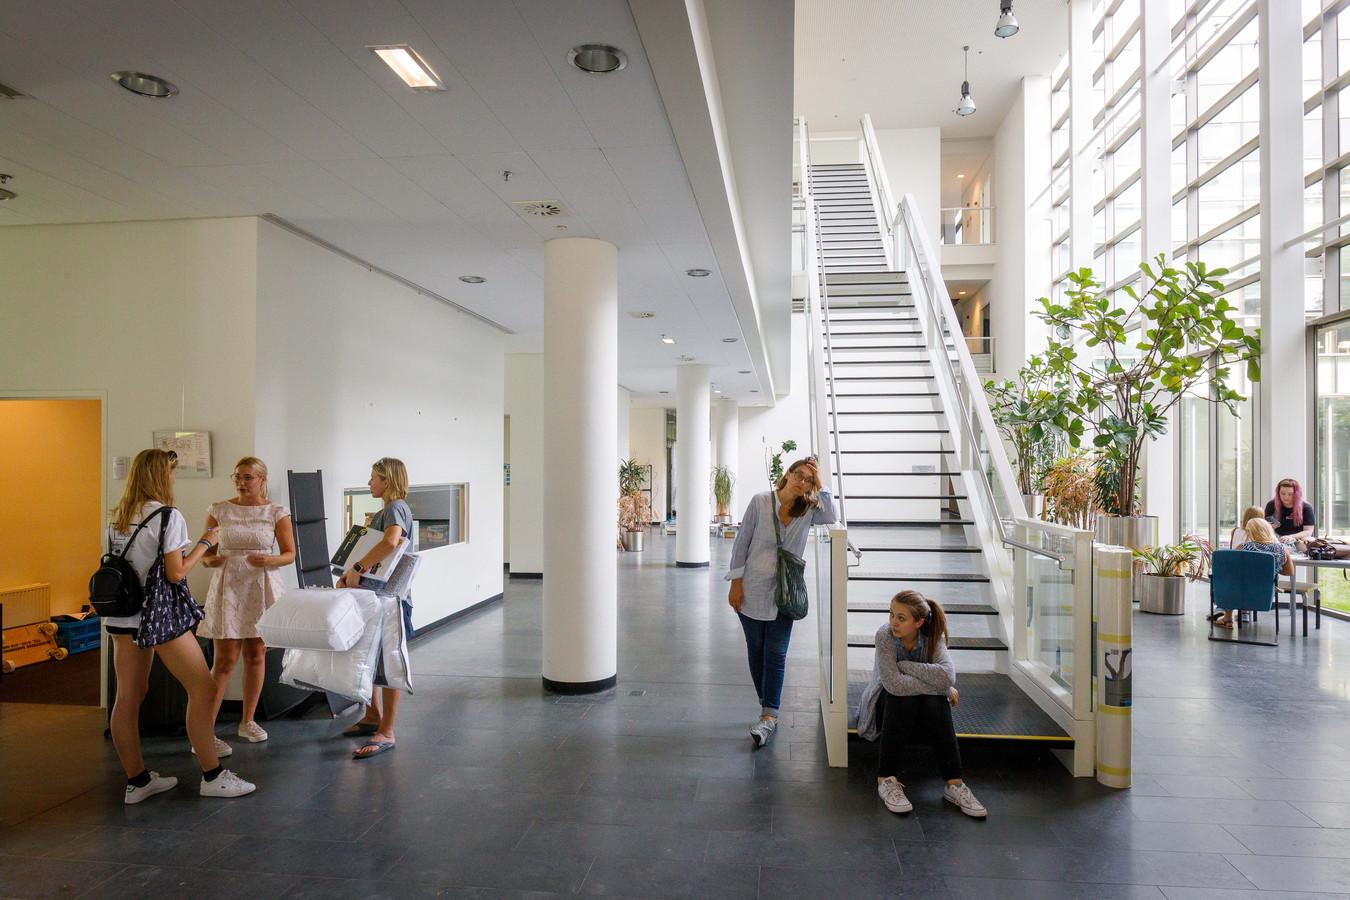 De grote lobby van het voormalige Waterschapsgebouw in Meppel waar studenten komen inchecken en huurcontracten komen tekenen.